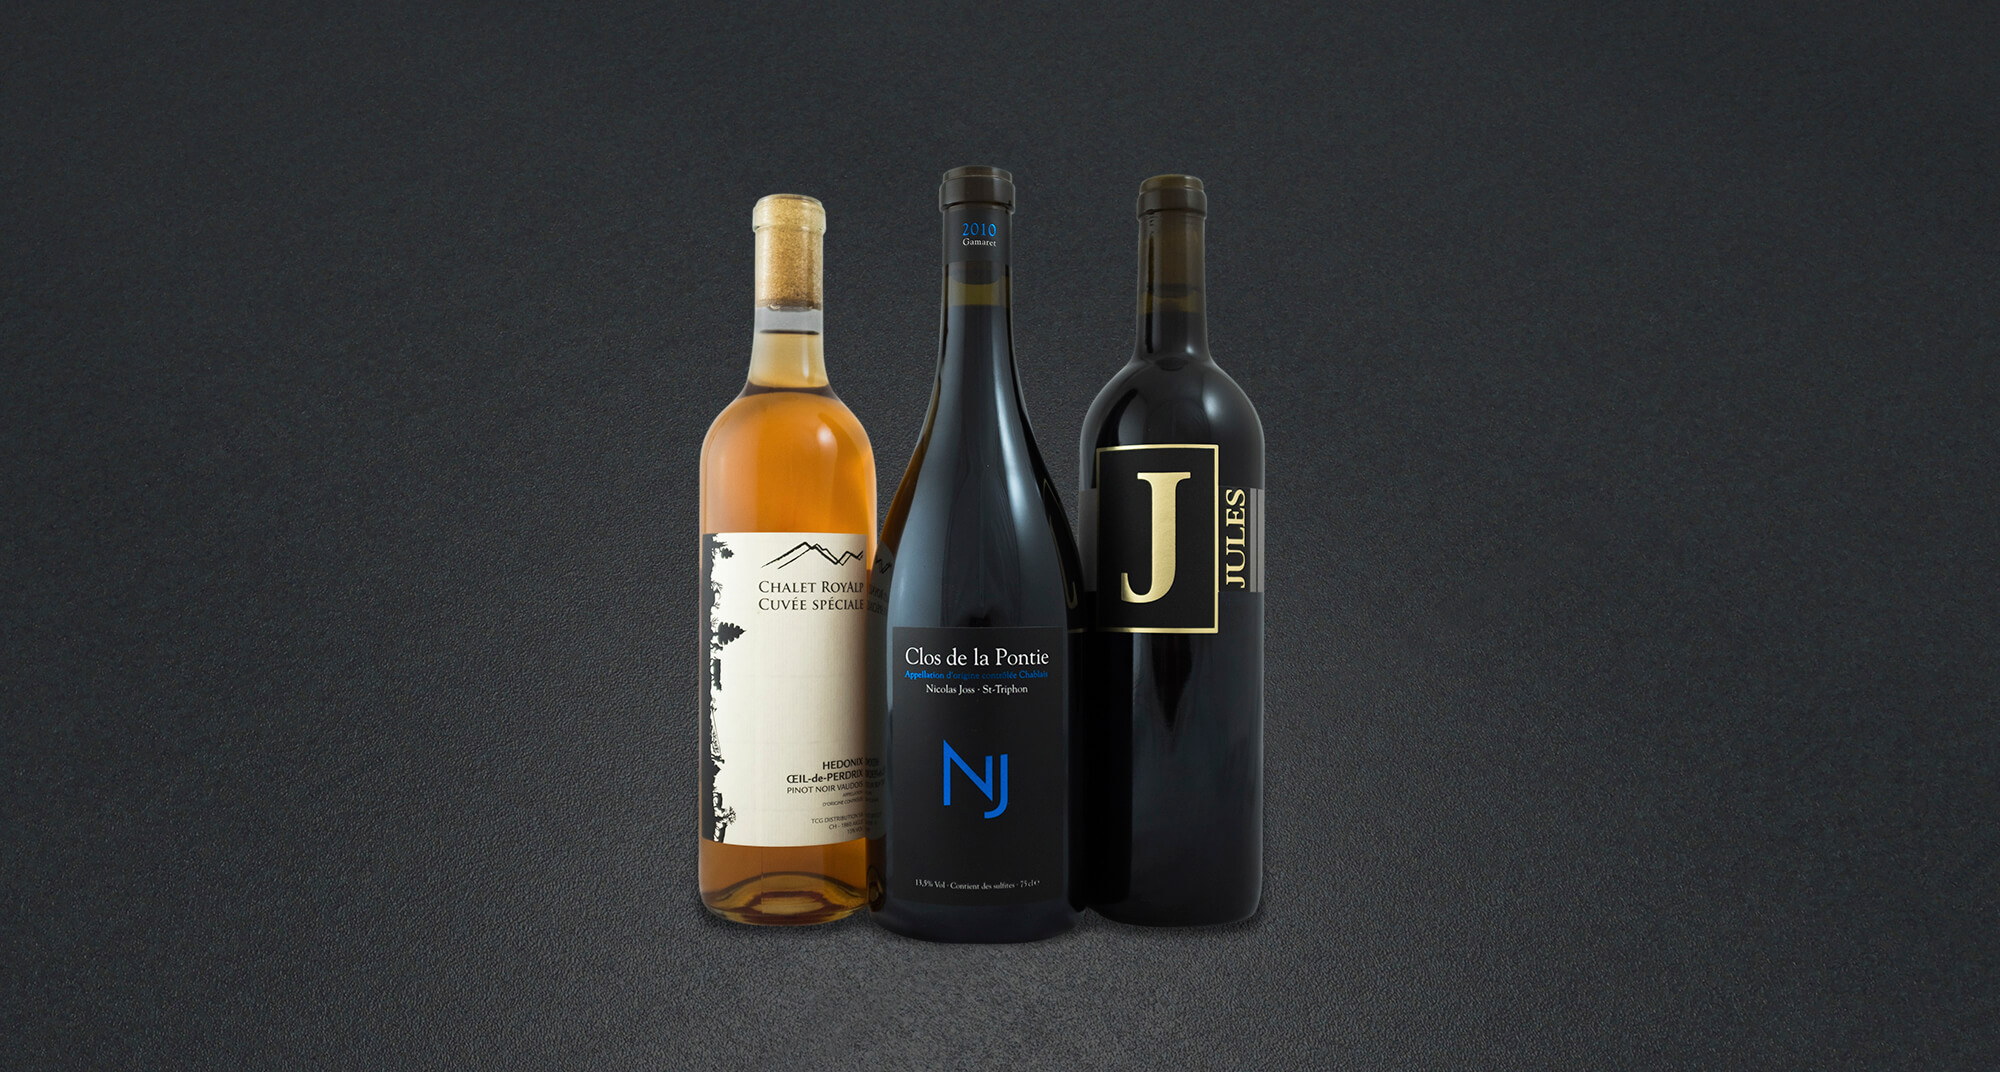 Bouteille de vins